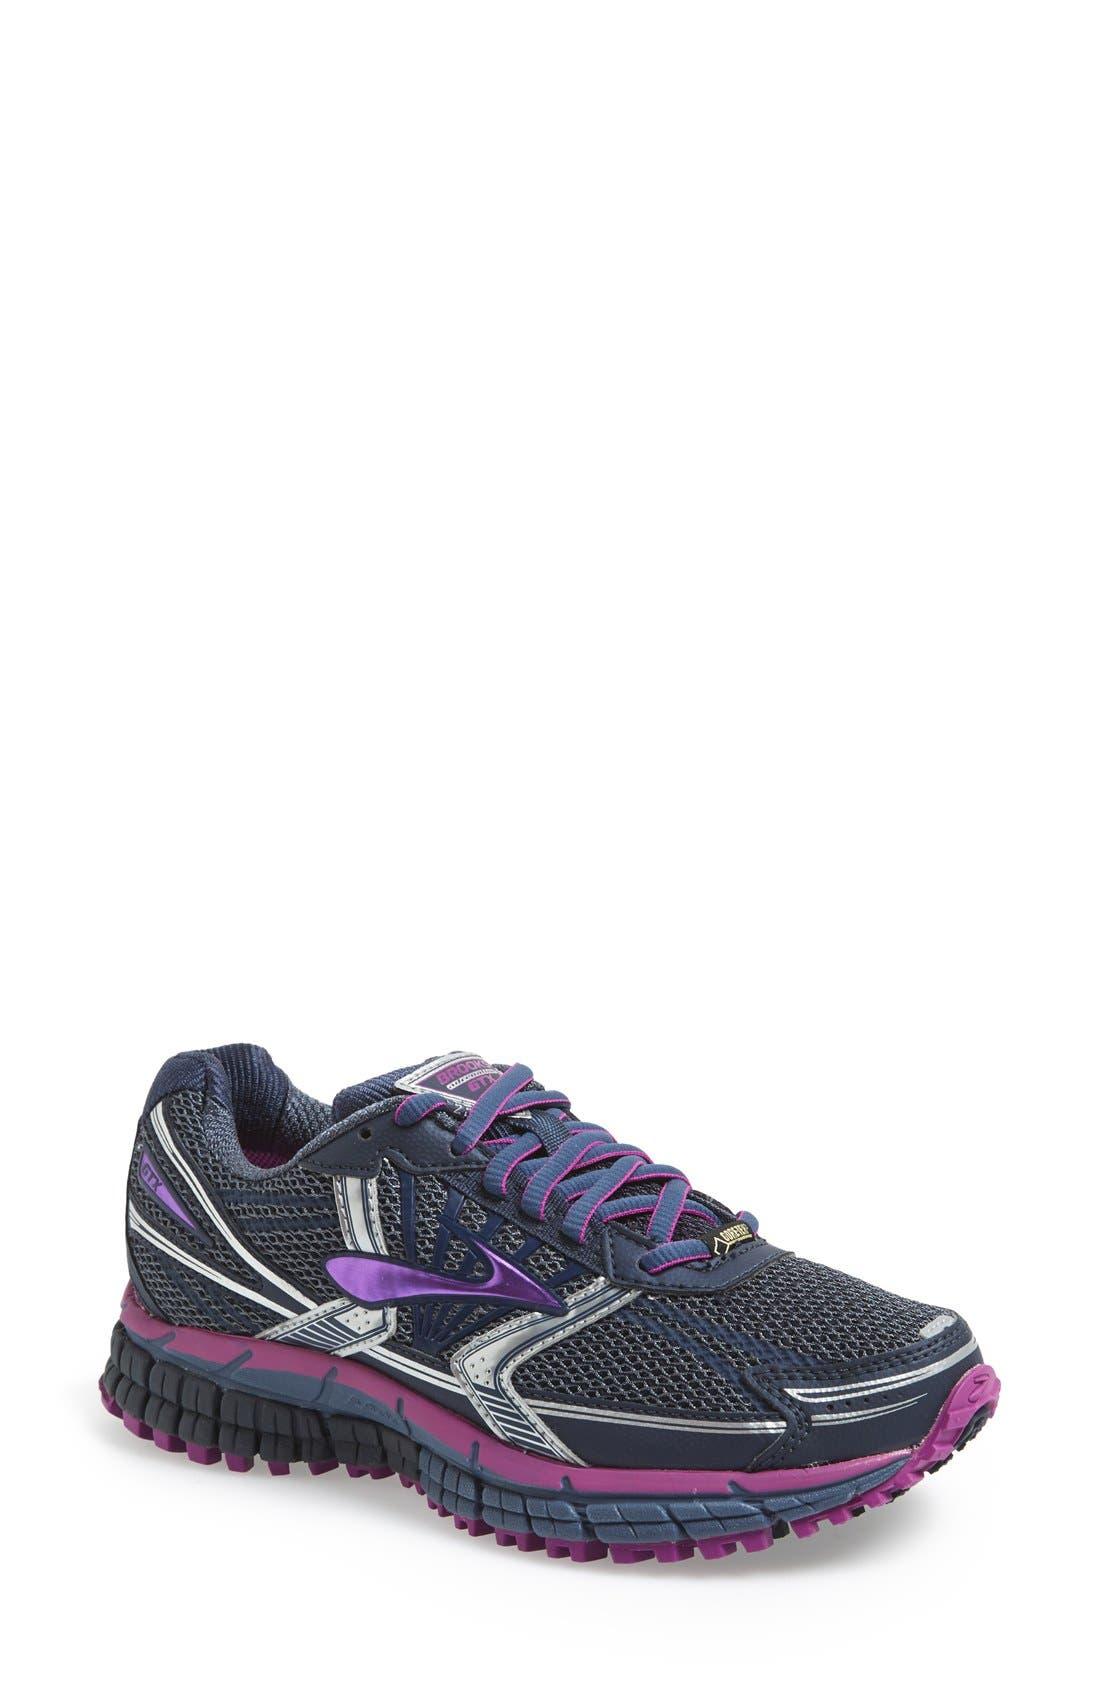 'Adrenaline ASR 11 GTX' Waterproof Running Shoe, Main, color, 021